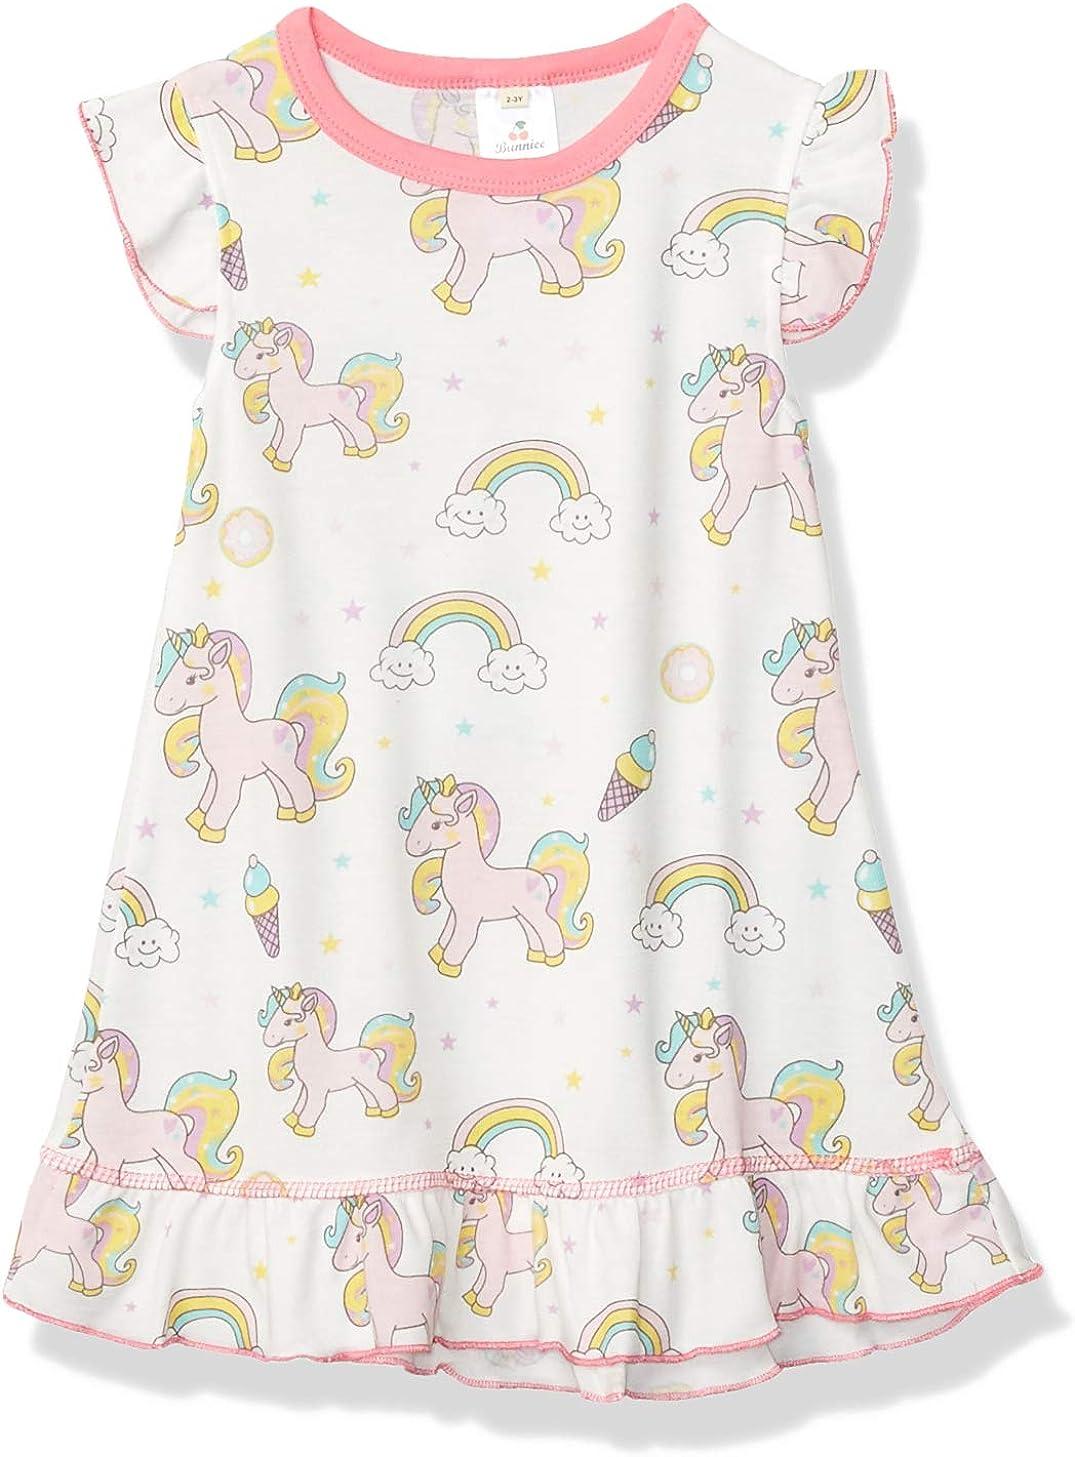 Toddler Girls Baby Princess Dress Cartoon Flutter Sleeve Unicorn Printed Dresses Cute Homewear